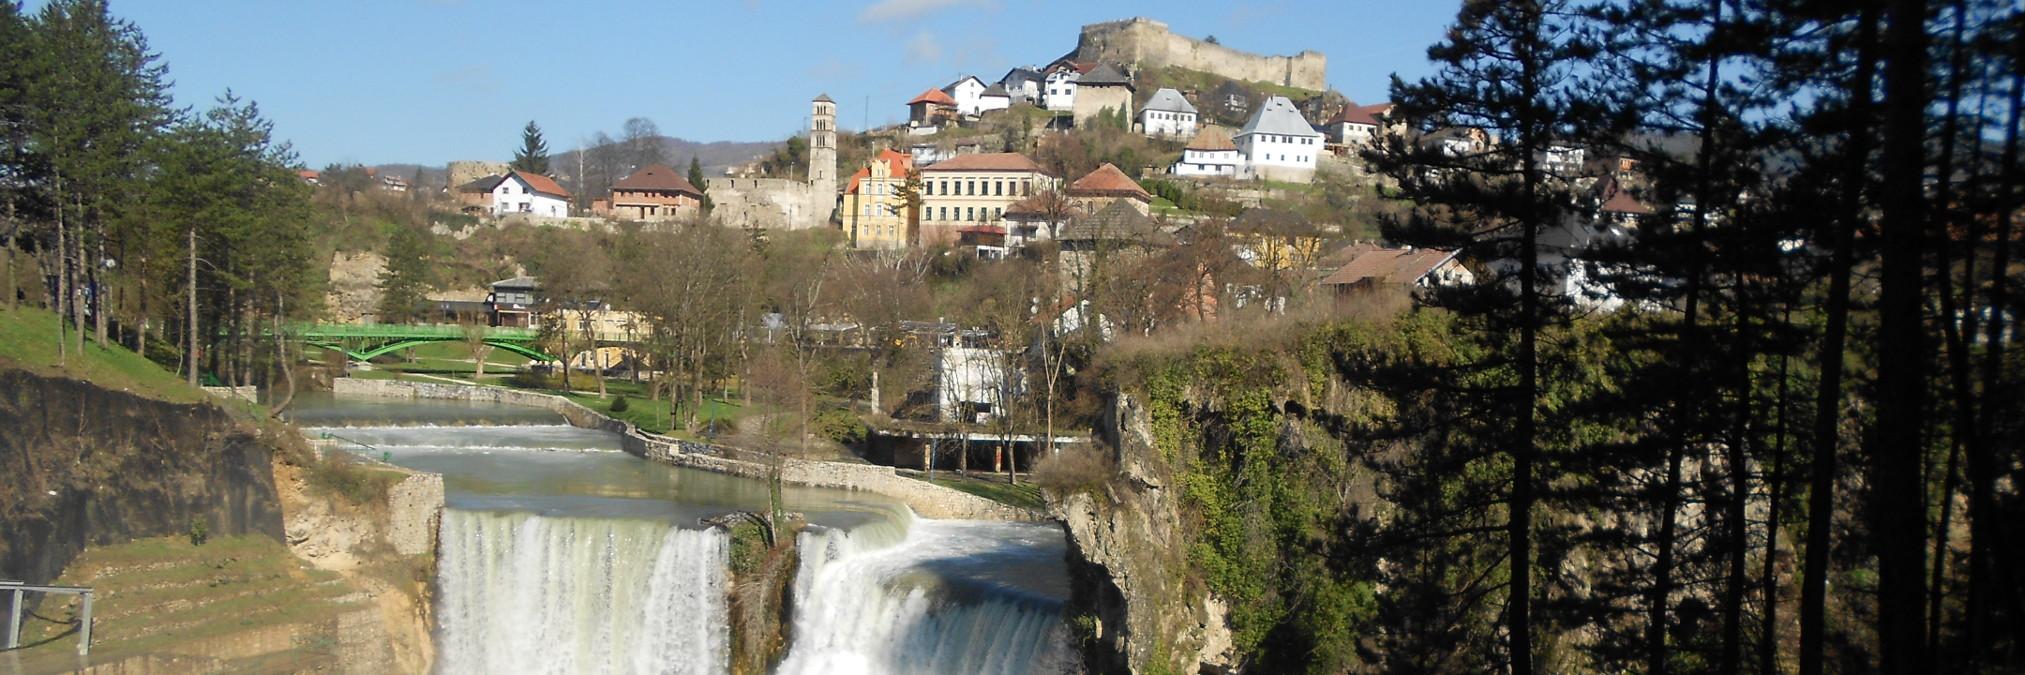 7 самых фотогеничных мест в Боснии и Герцеговине